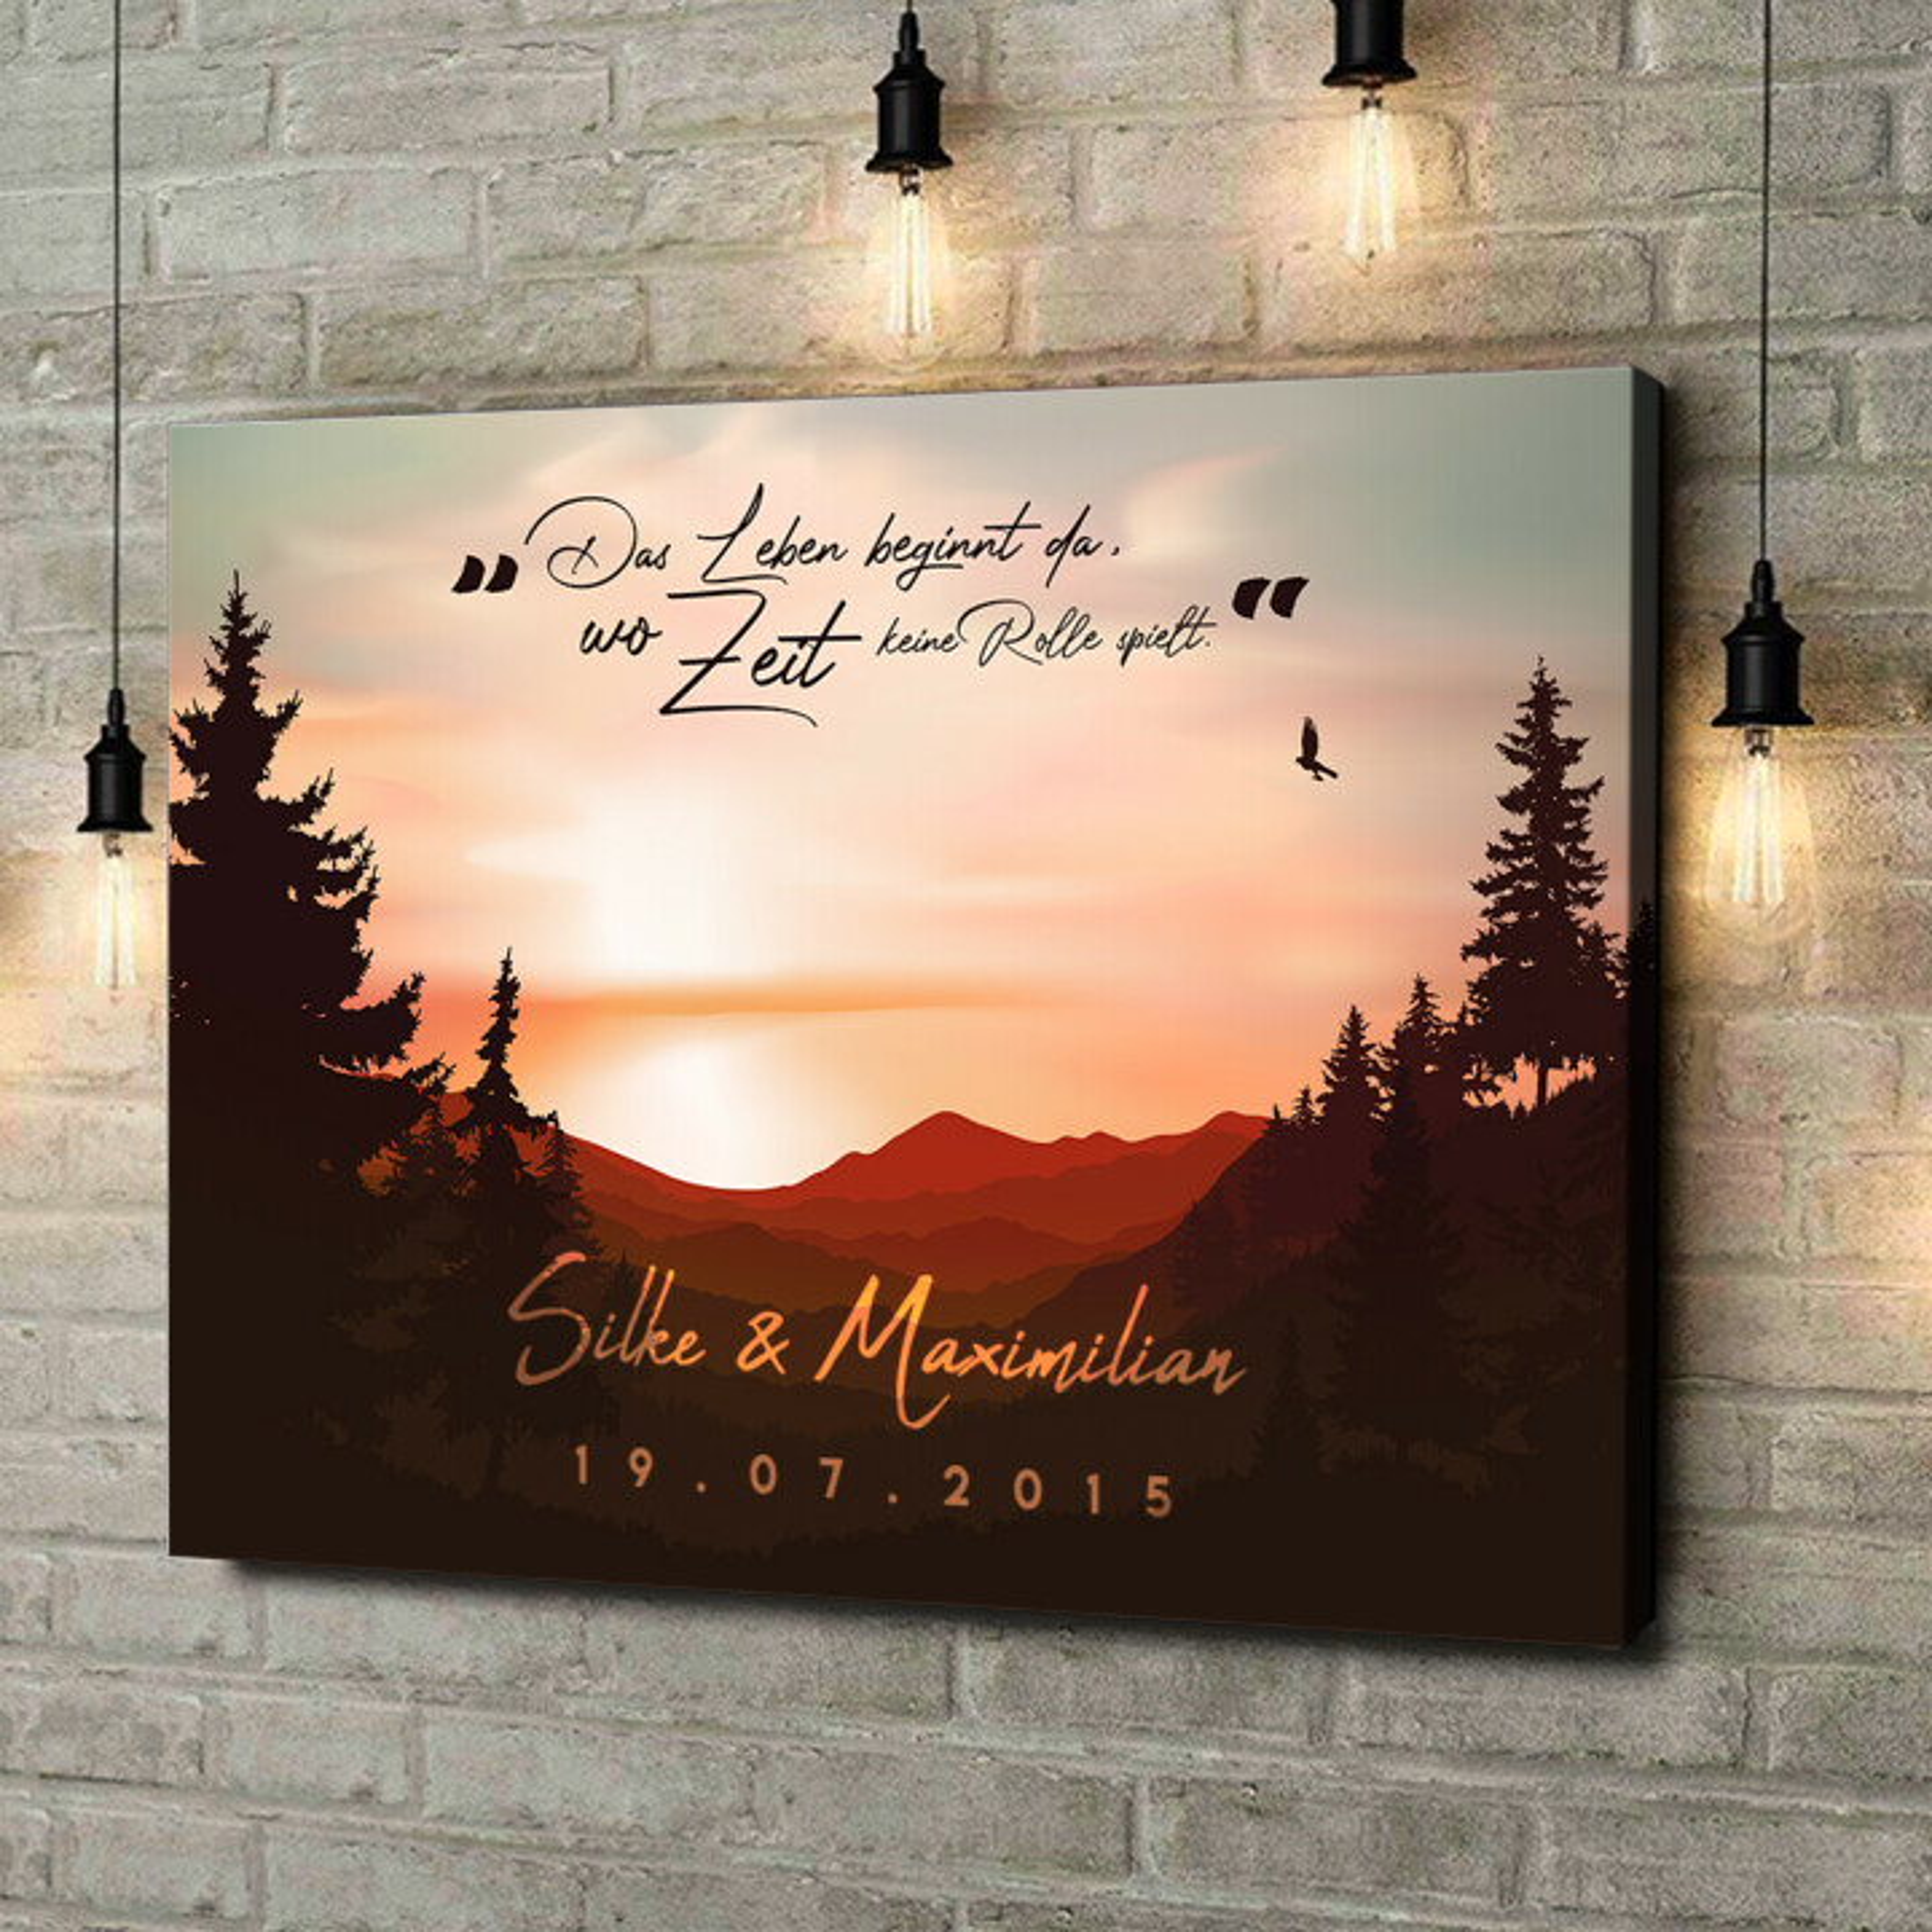 Leinwandbild personalisiert Sunset